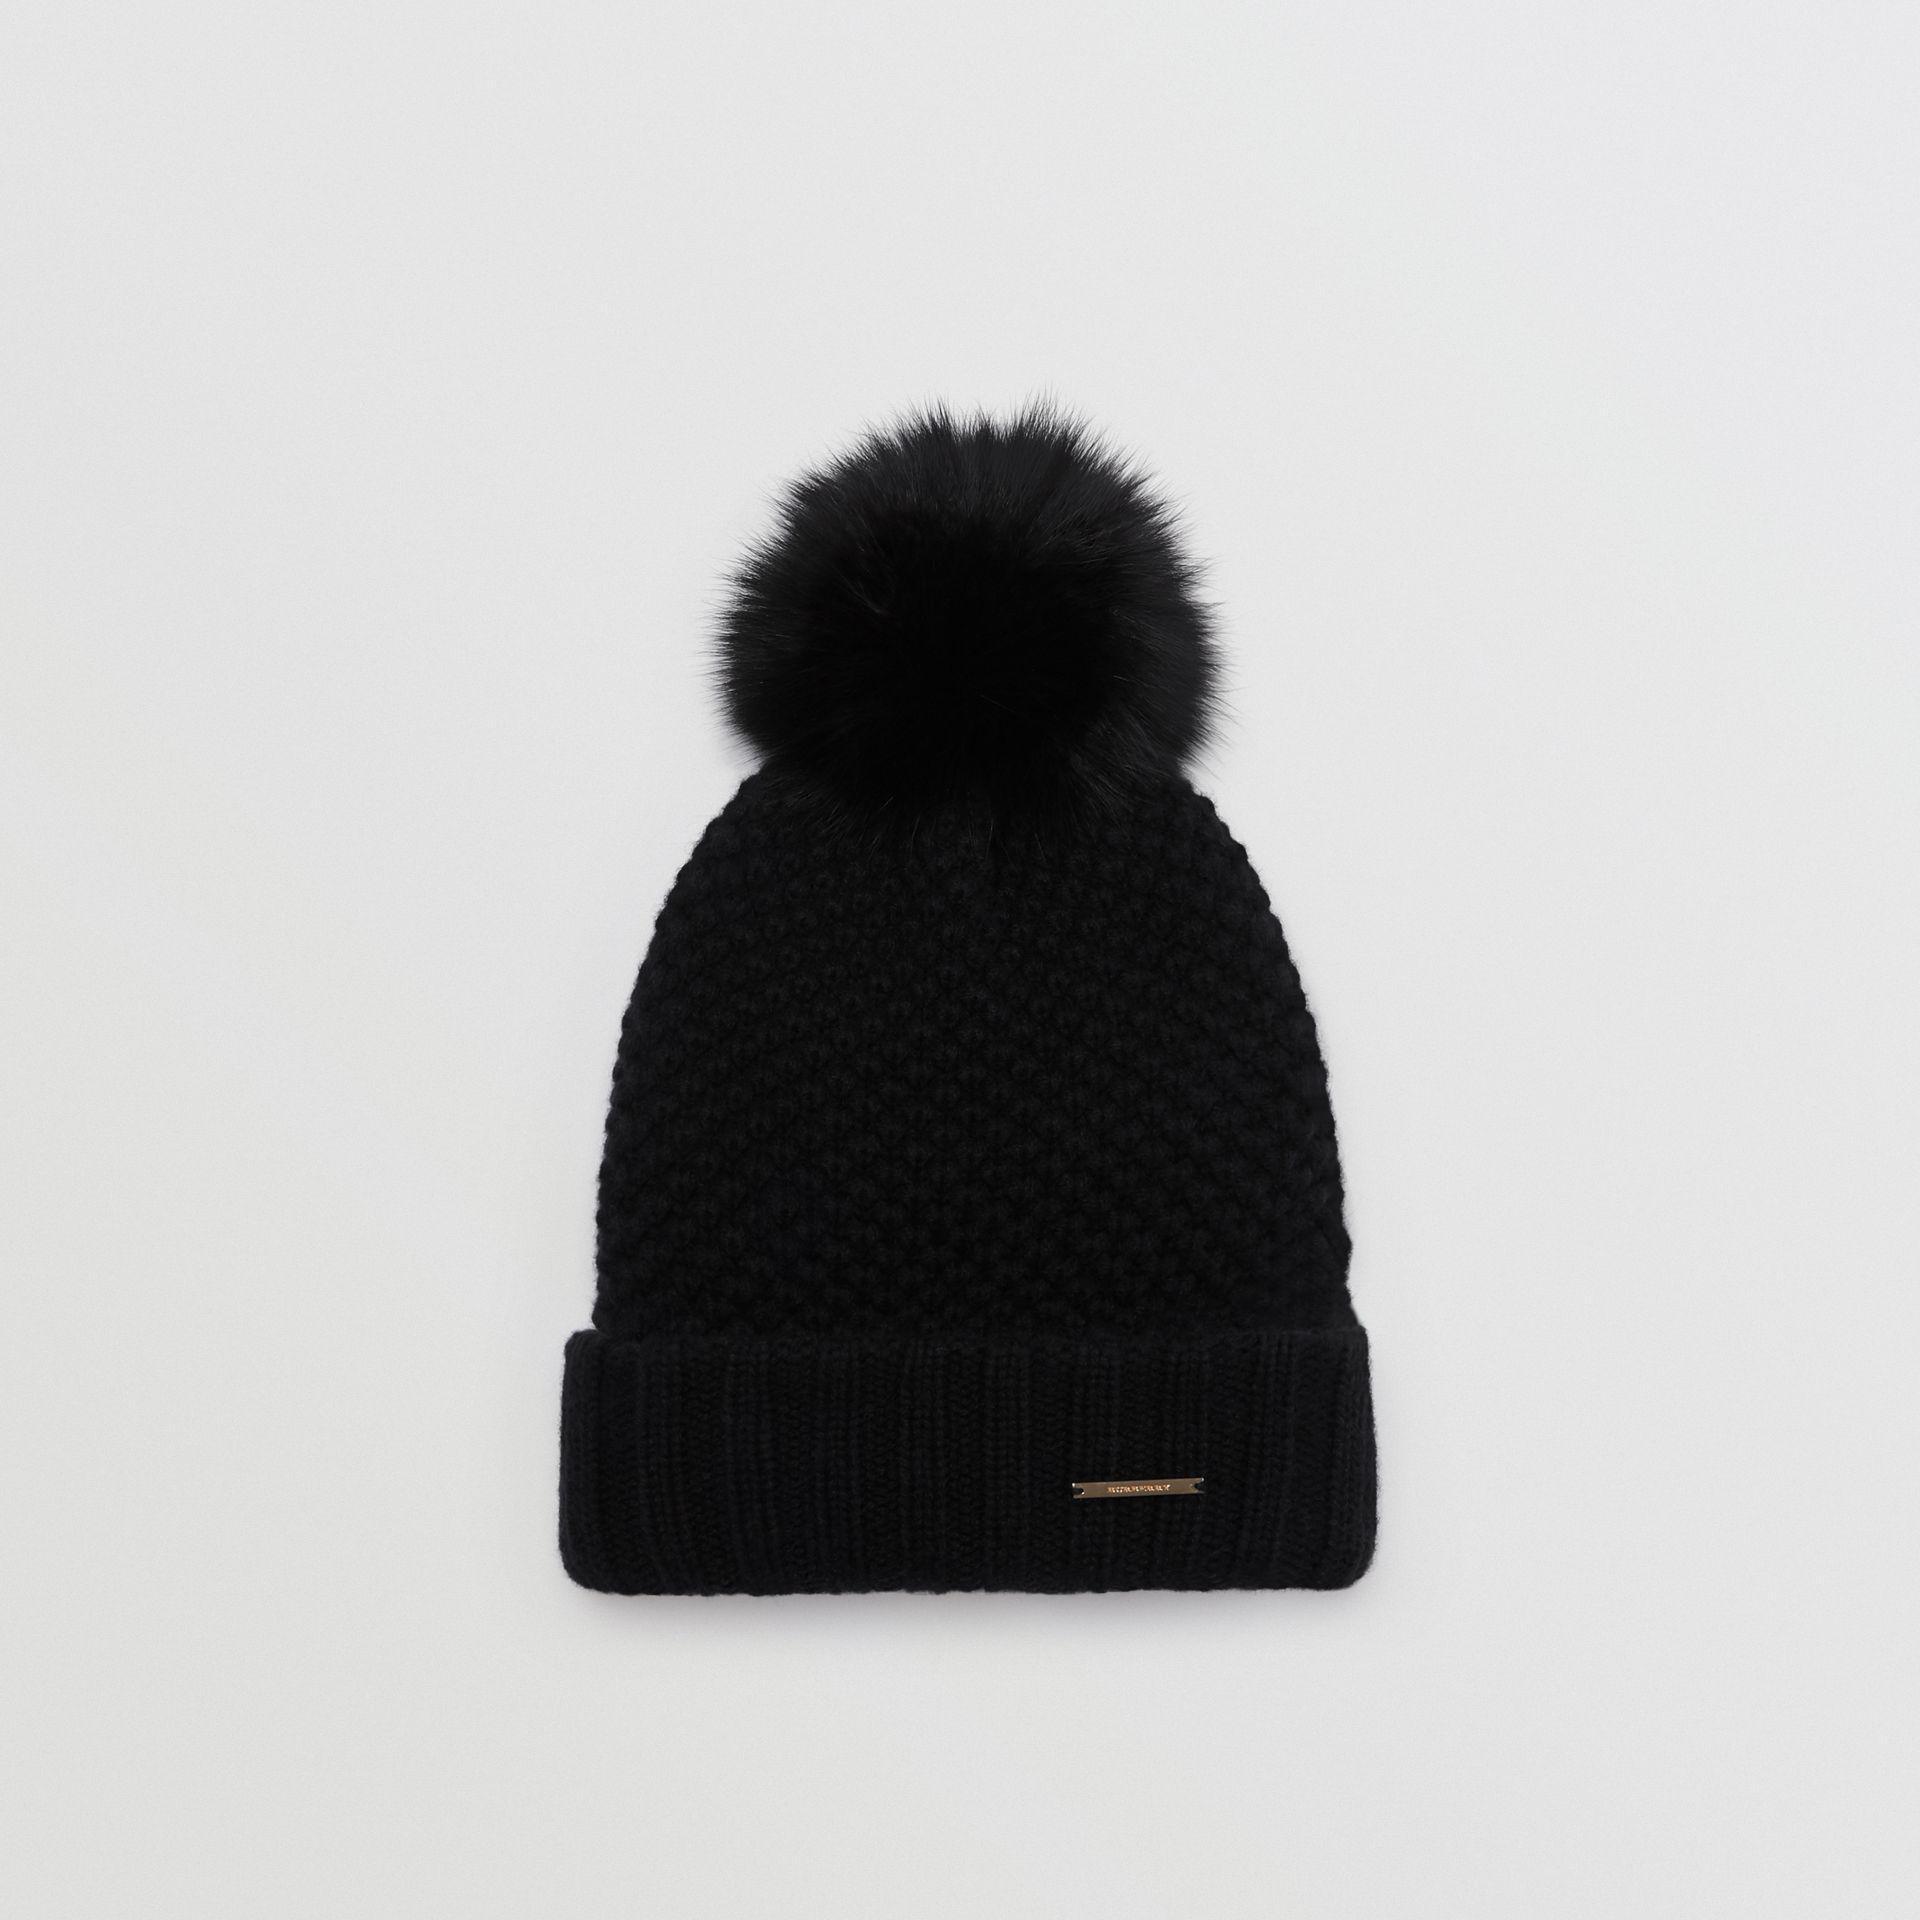 Lyst - Bonnet avec pompon en fourrure Burberry en coloris Noir a7c1a005e3f